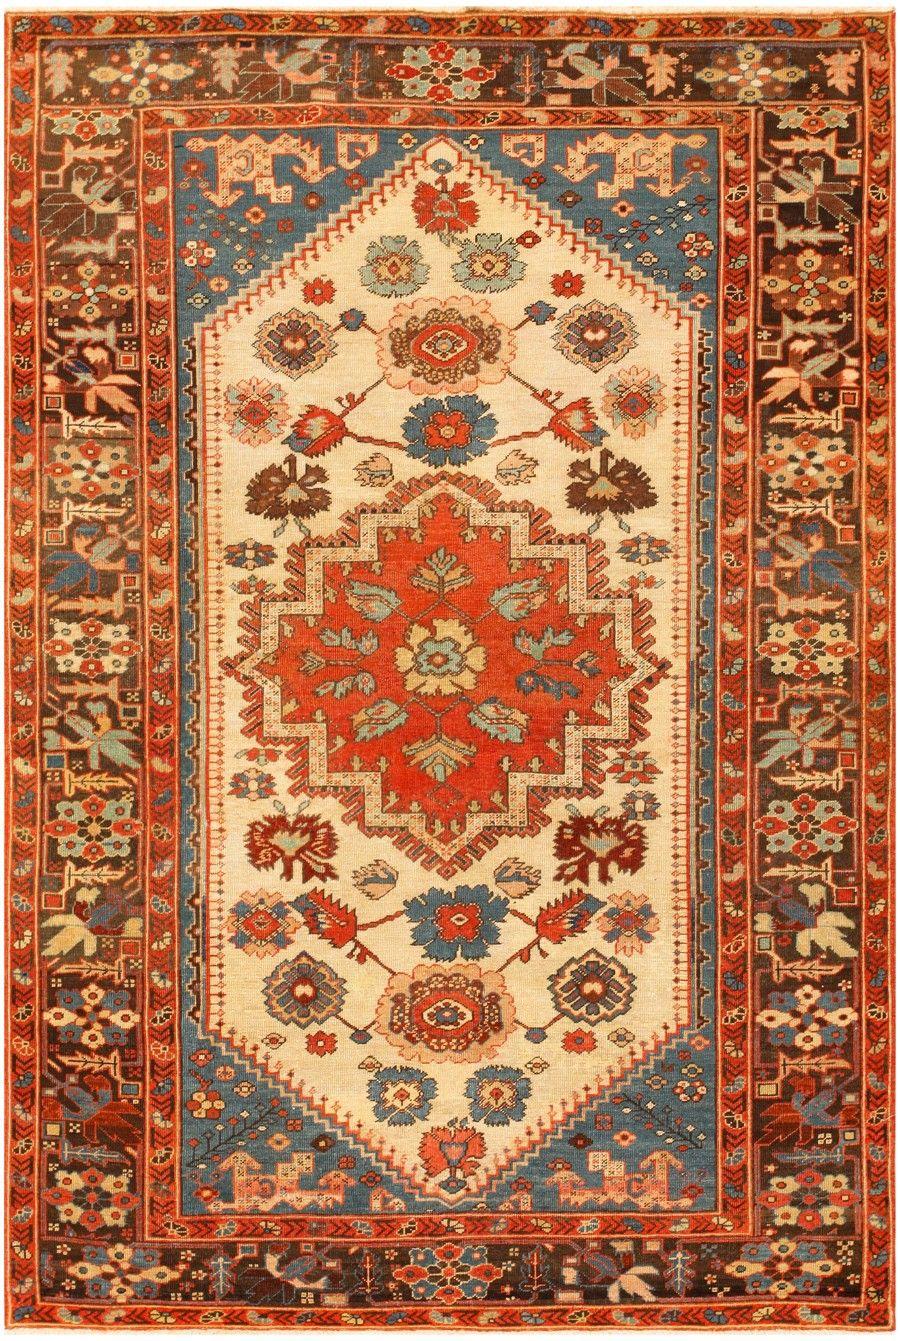 Antique Persian Bakshaish Rug 46542 Main Image - By Nazmiyal